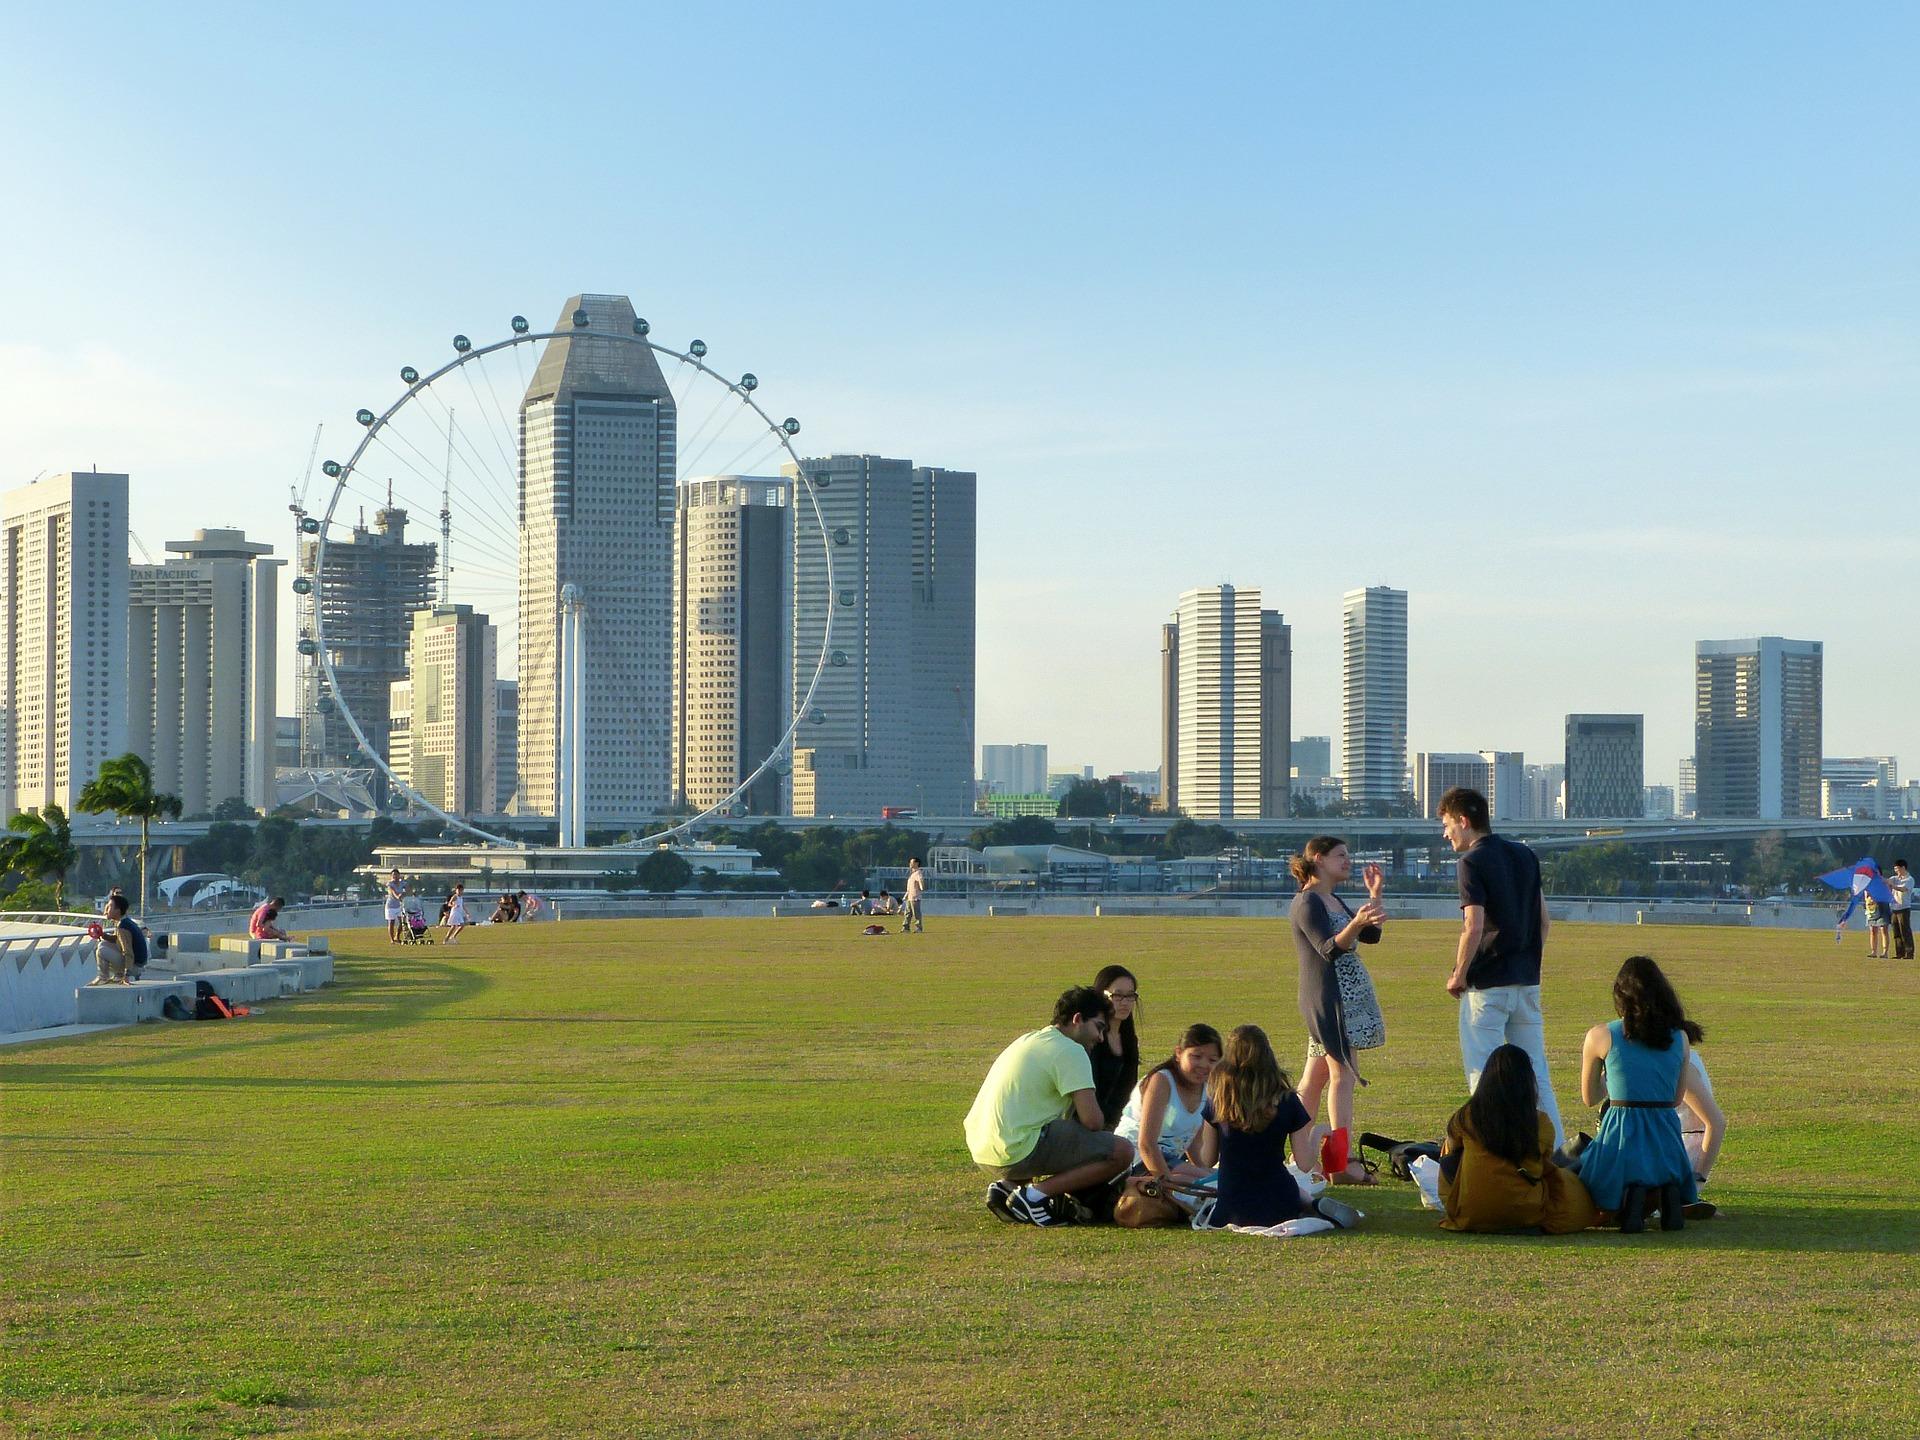 Singapur – ein städtisches Vorbild nicht nur in Punkto Sauberkeit sondern auch im Hinblick auf Vernetzung. Fotocredit: © Jason Goh/Pixabay